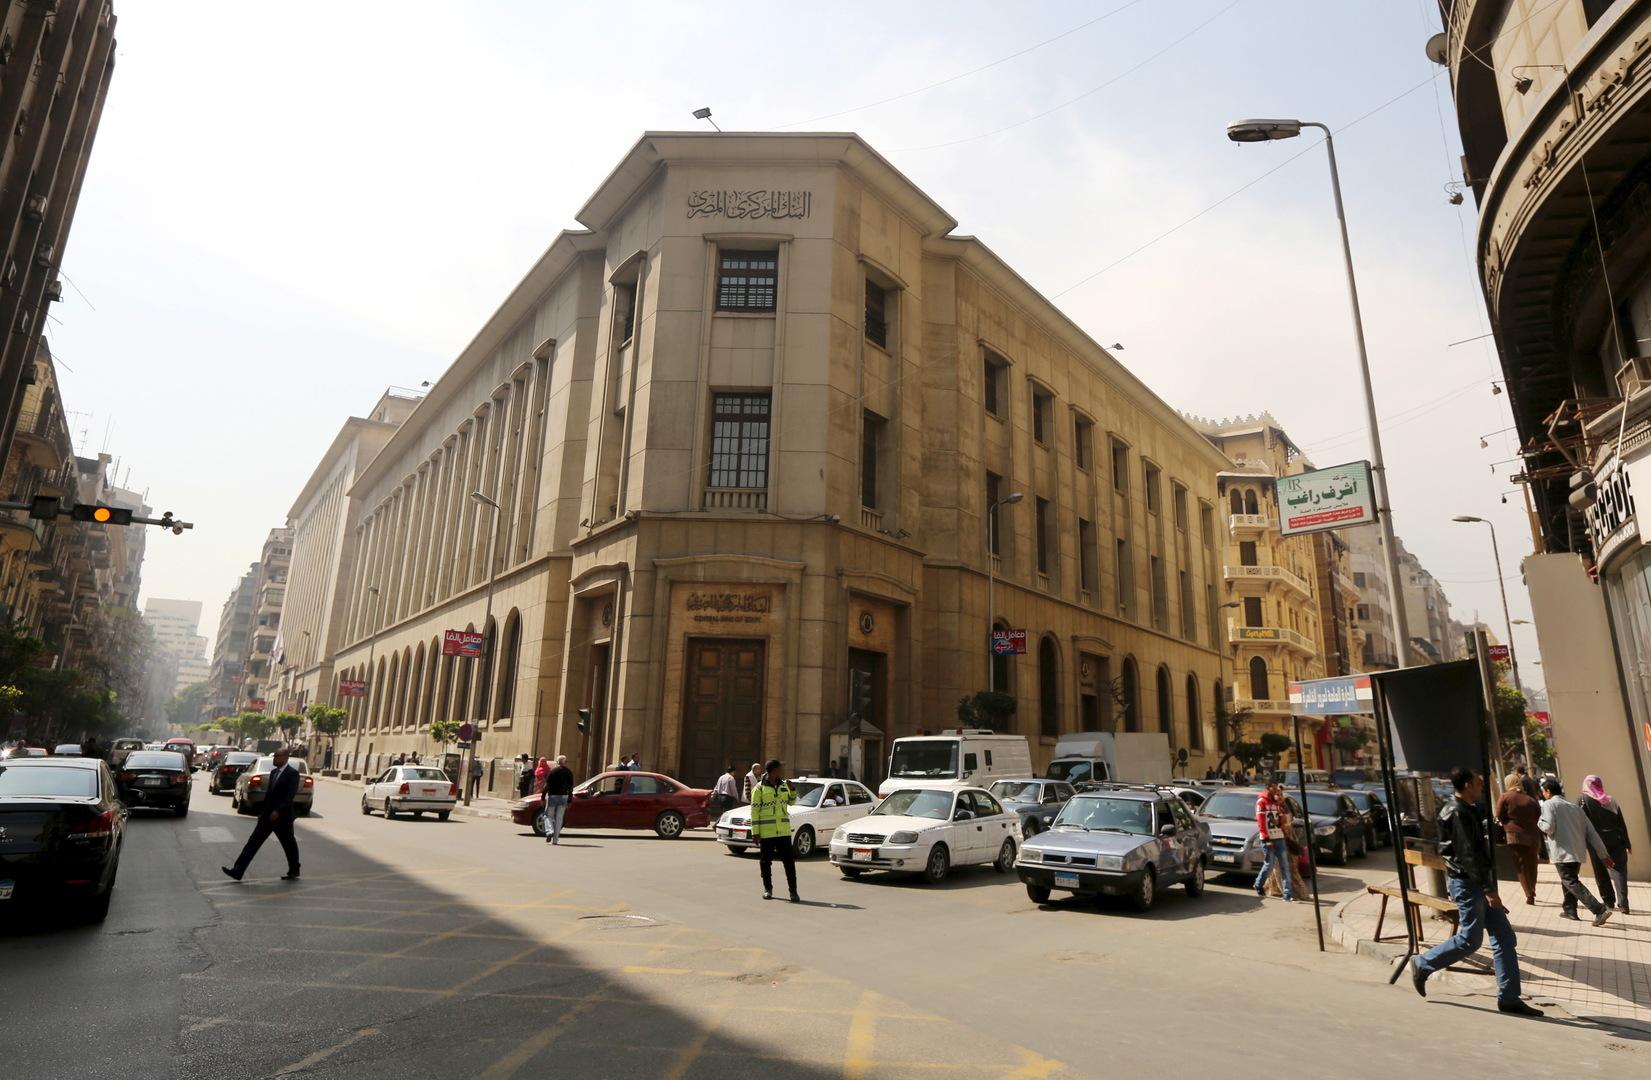 البنك المركزي المصري: هبوط إيرادات السياحة 67.4% في أول 9 أشهر من السنة المالية الأخيرة